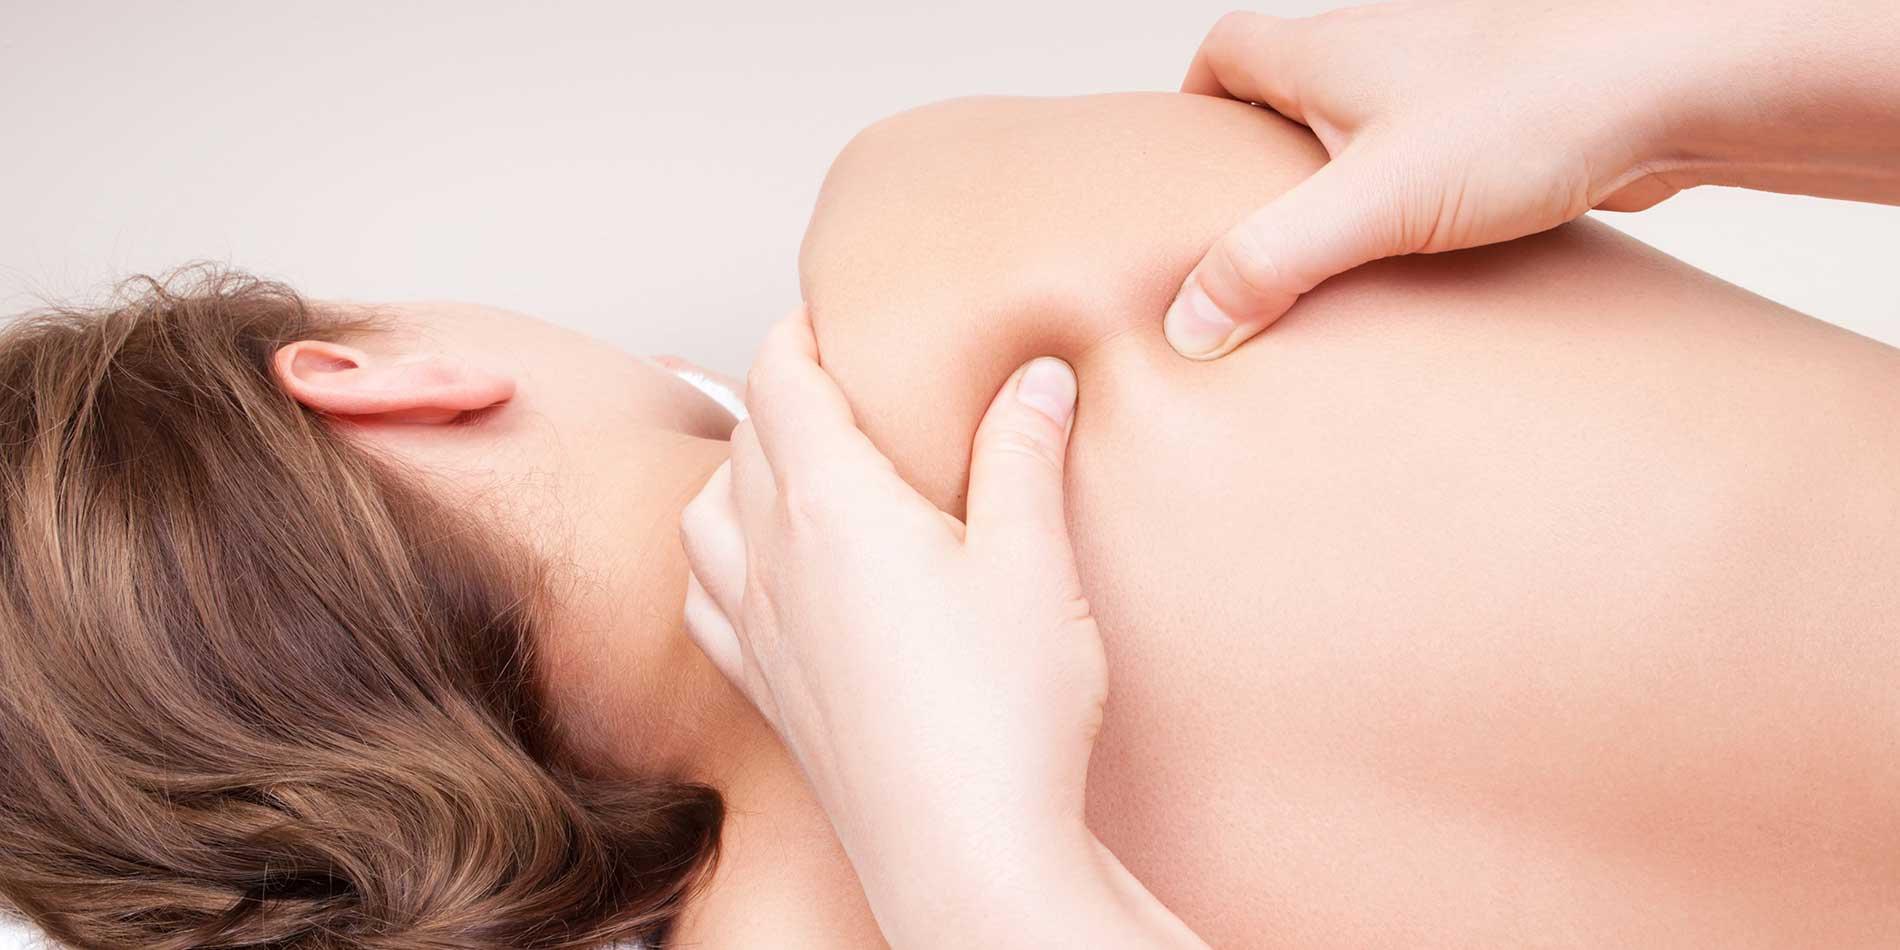 Deep Tissue Massage - 30 Minutes